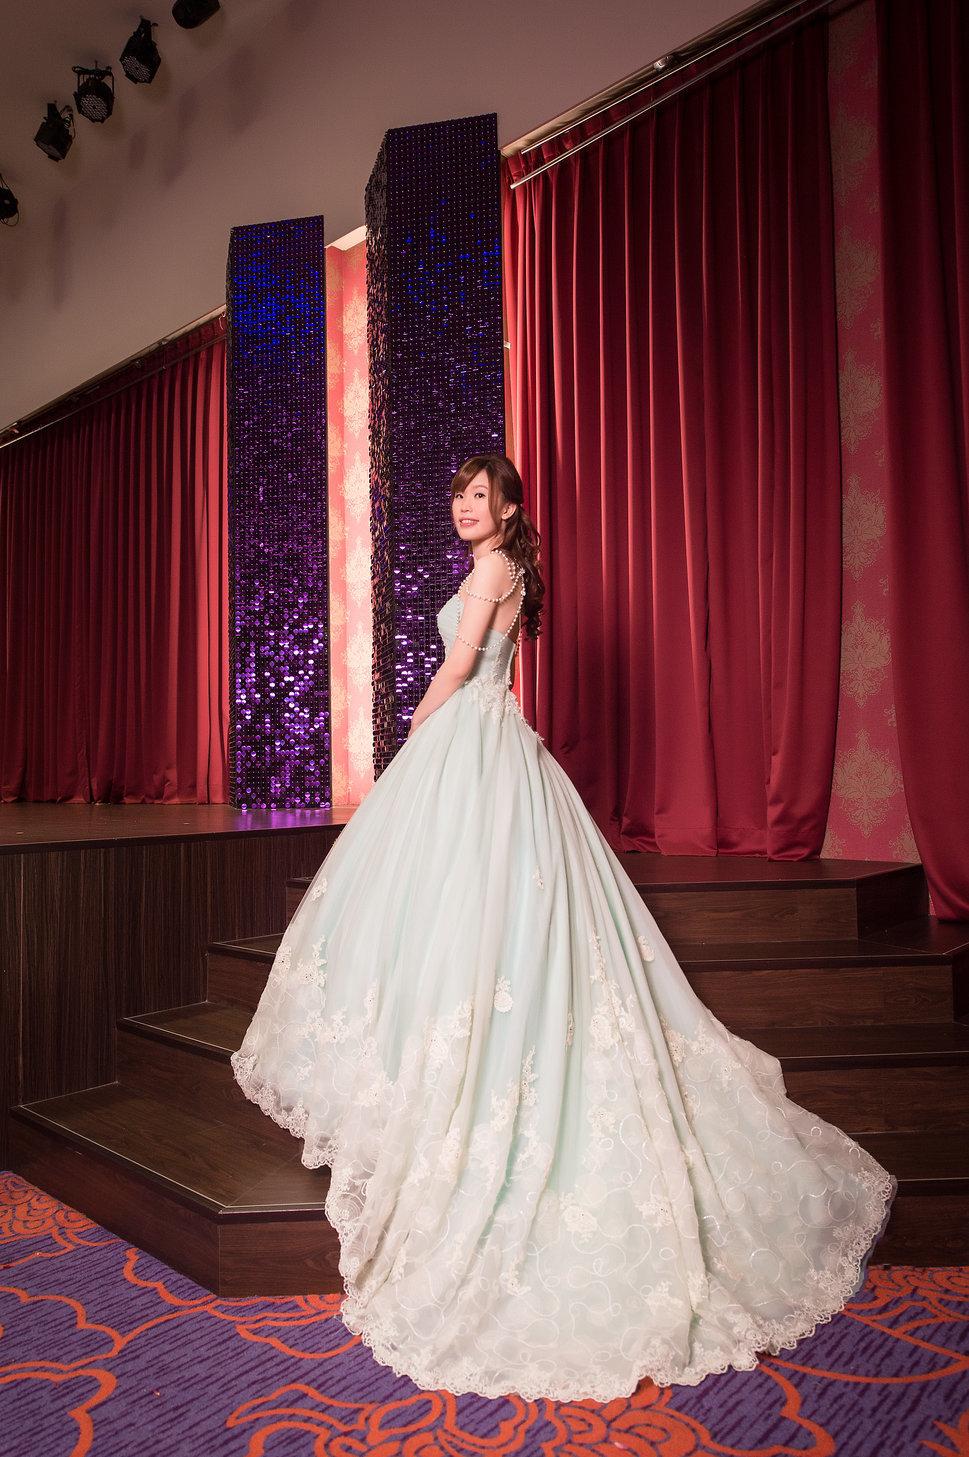 [桃園婚攝] 文訂迎娶&內壢海豐餐廳(編號:433184) - LoveStoryAllen IMAGE - 結婚吧一站式婚禮服務平台